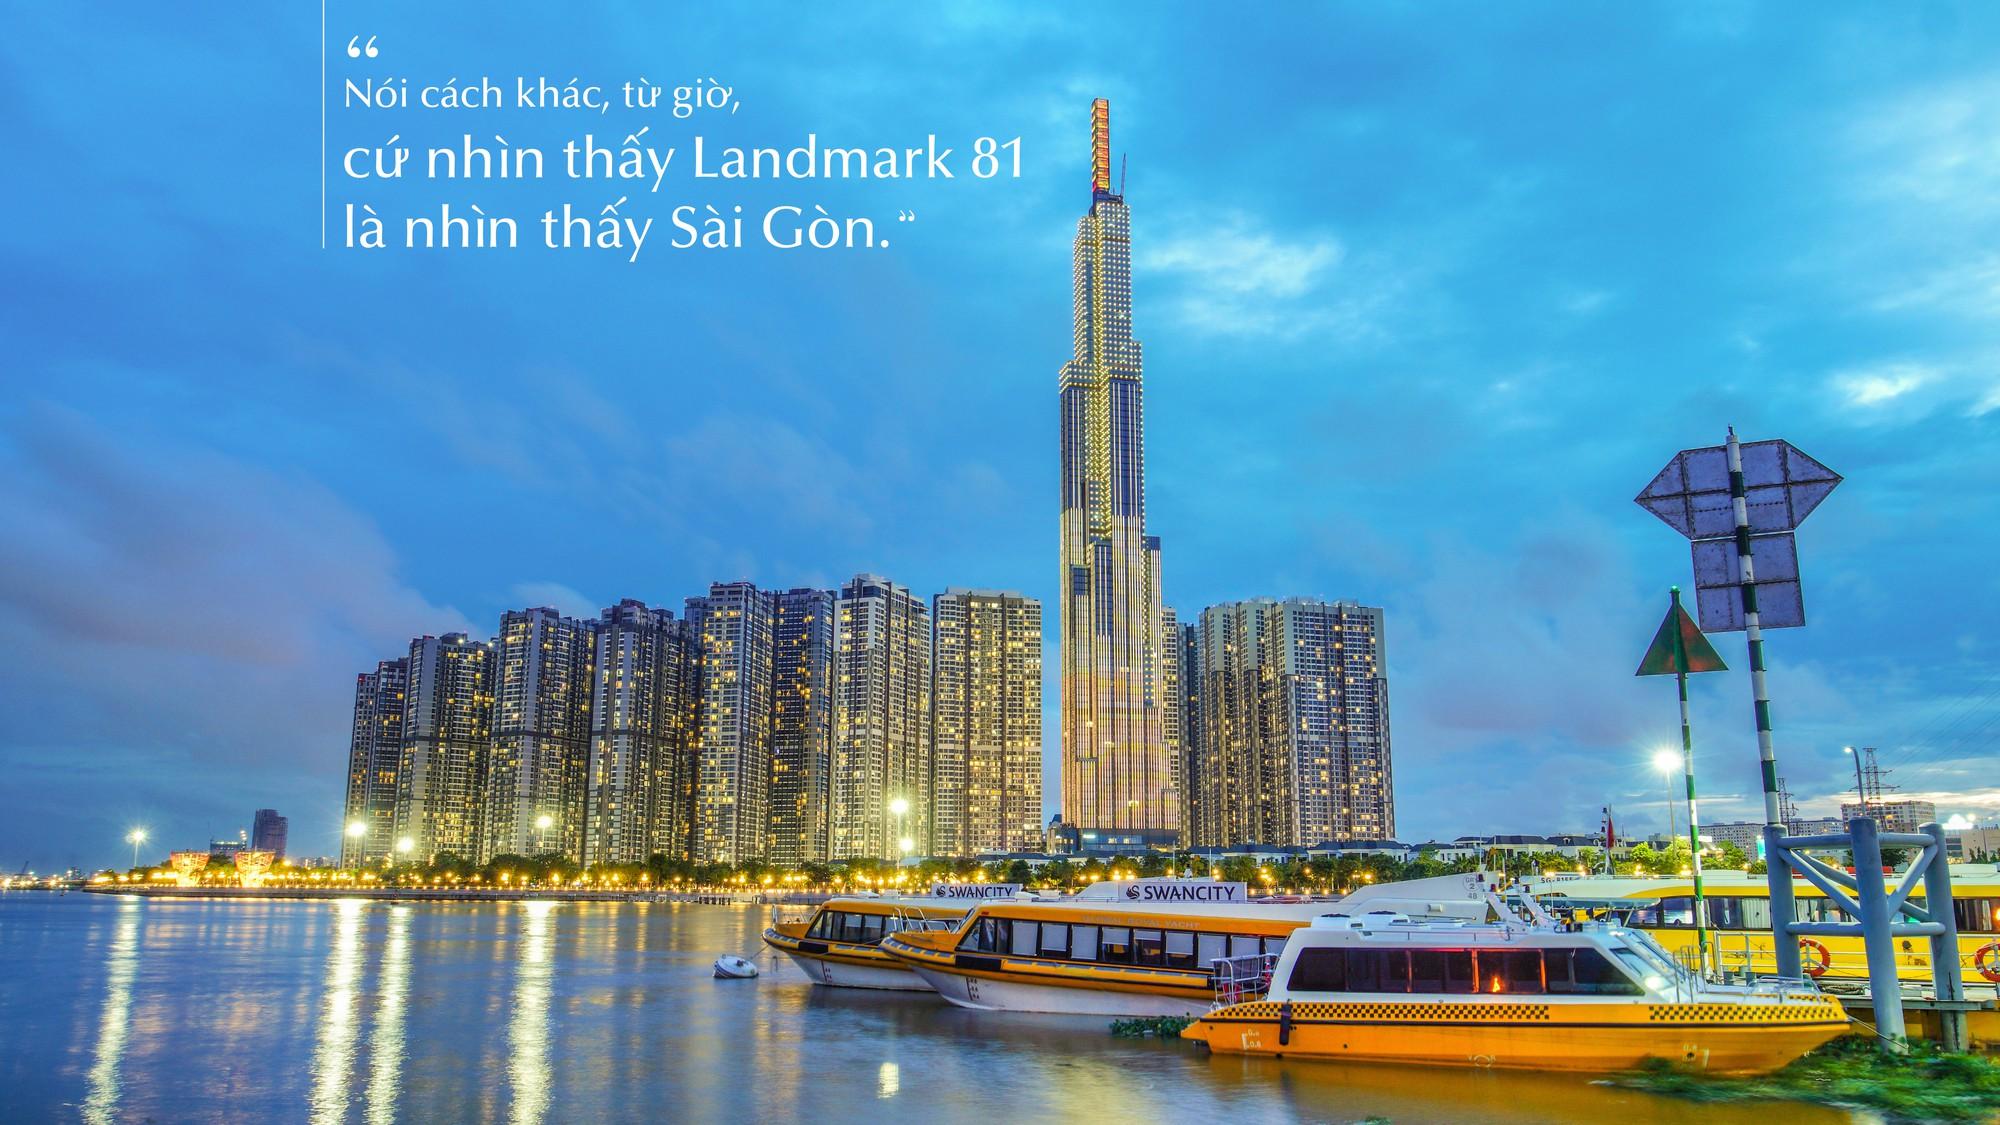 Nhờ có Landmark 81 mà kể từ nay, người Sài Gòn đã có thêm một điều nữa để tự hào! - Ảnh 4.